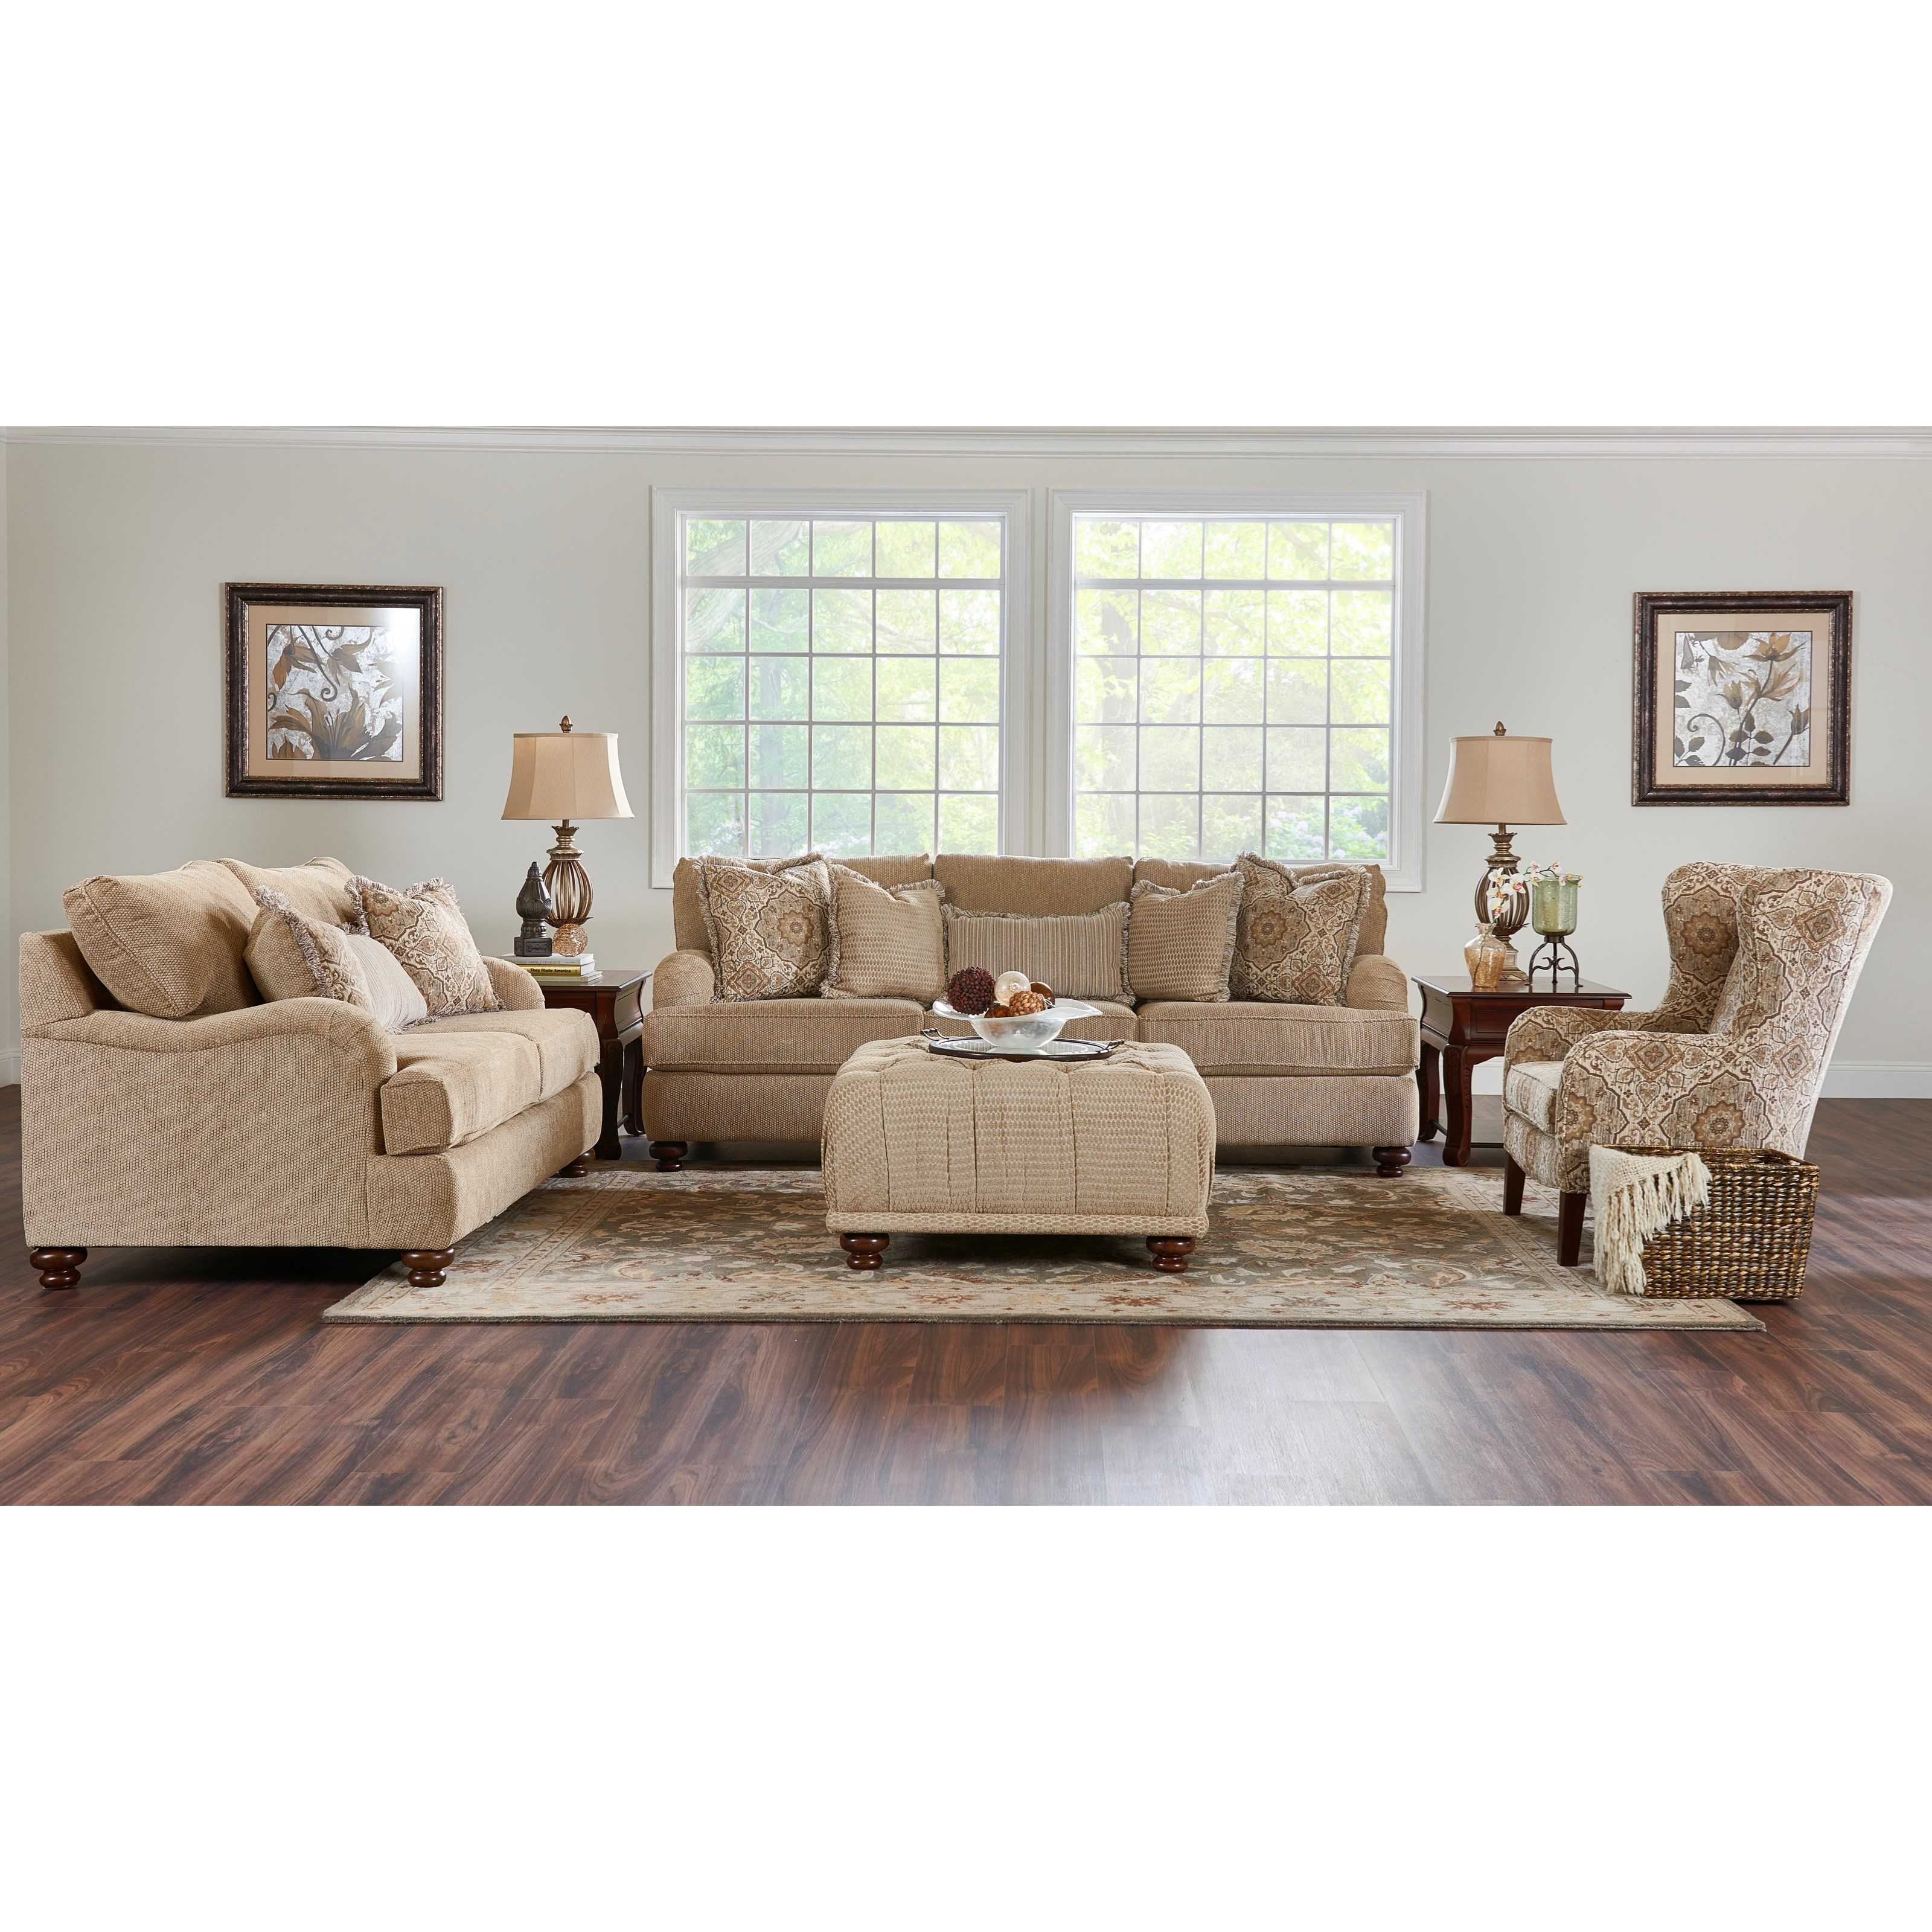 Klaussner Declan Living Room Group Olinde 39 S Furniture Stationary Living Room Groups